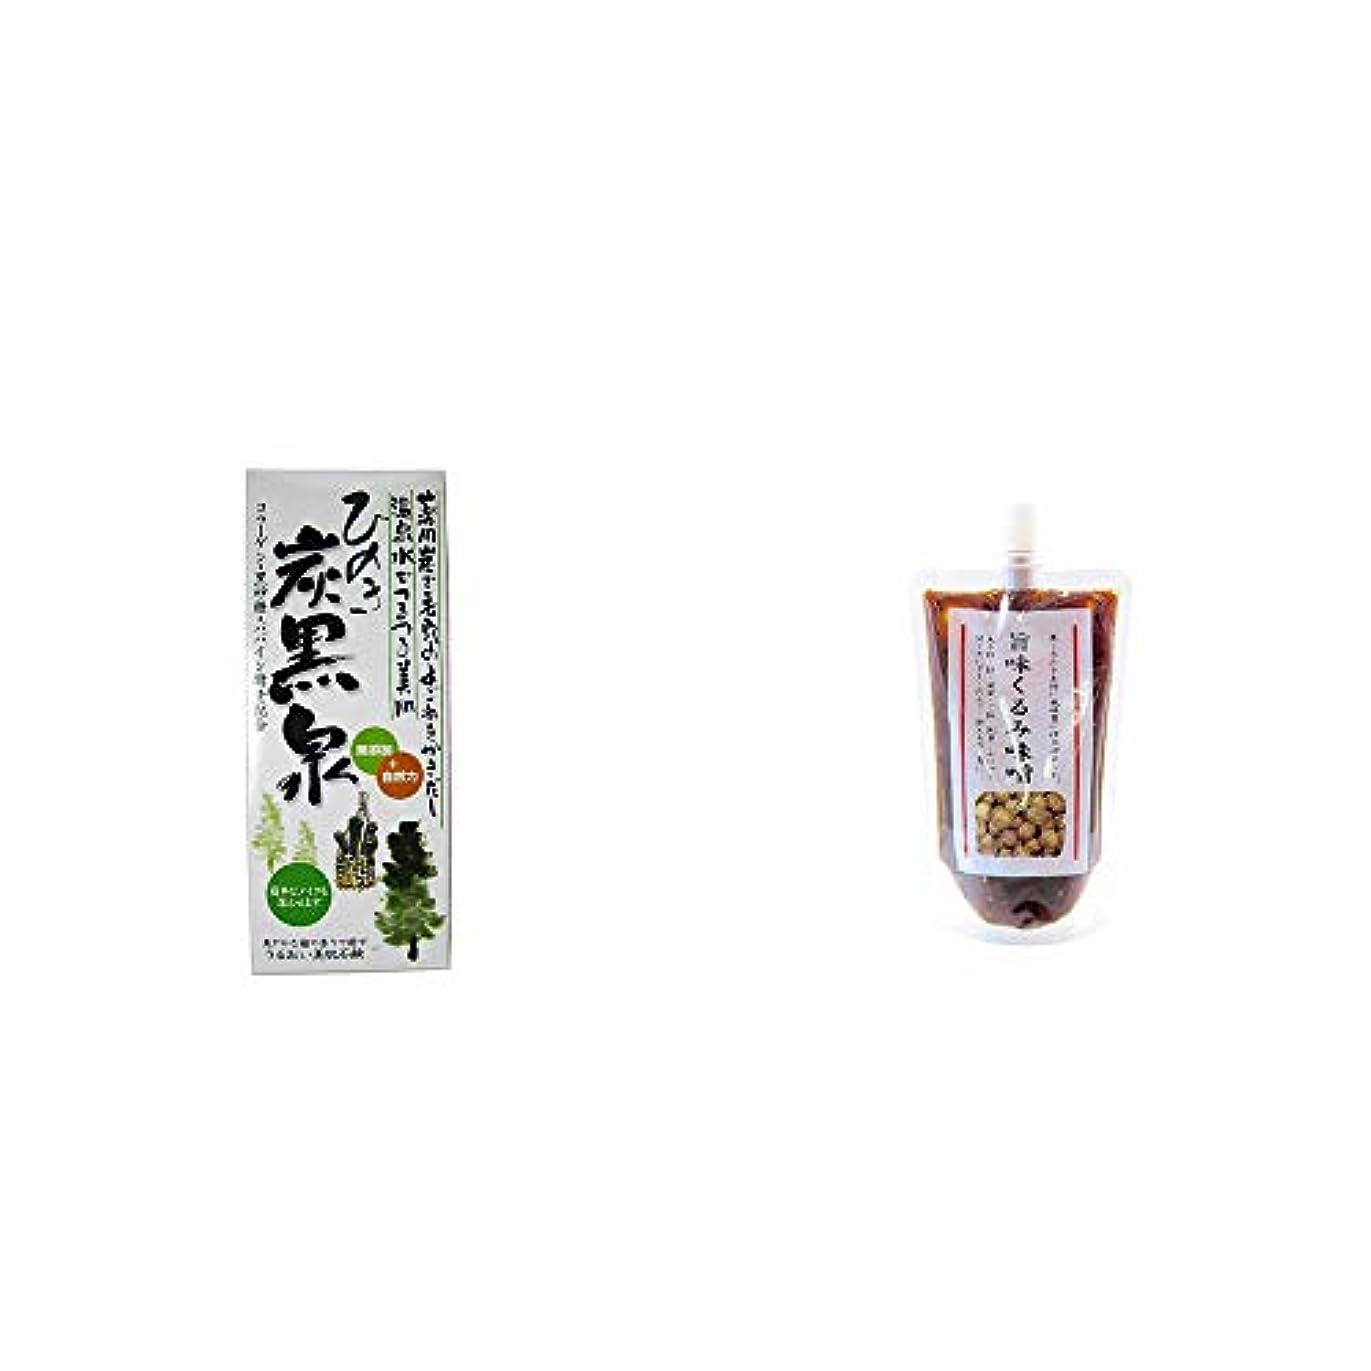 シュリンク測る販売計画[2点セット] ひのき炭黒泉 箱入り(75g×3)?旨味くるみ味噌(260g)